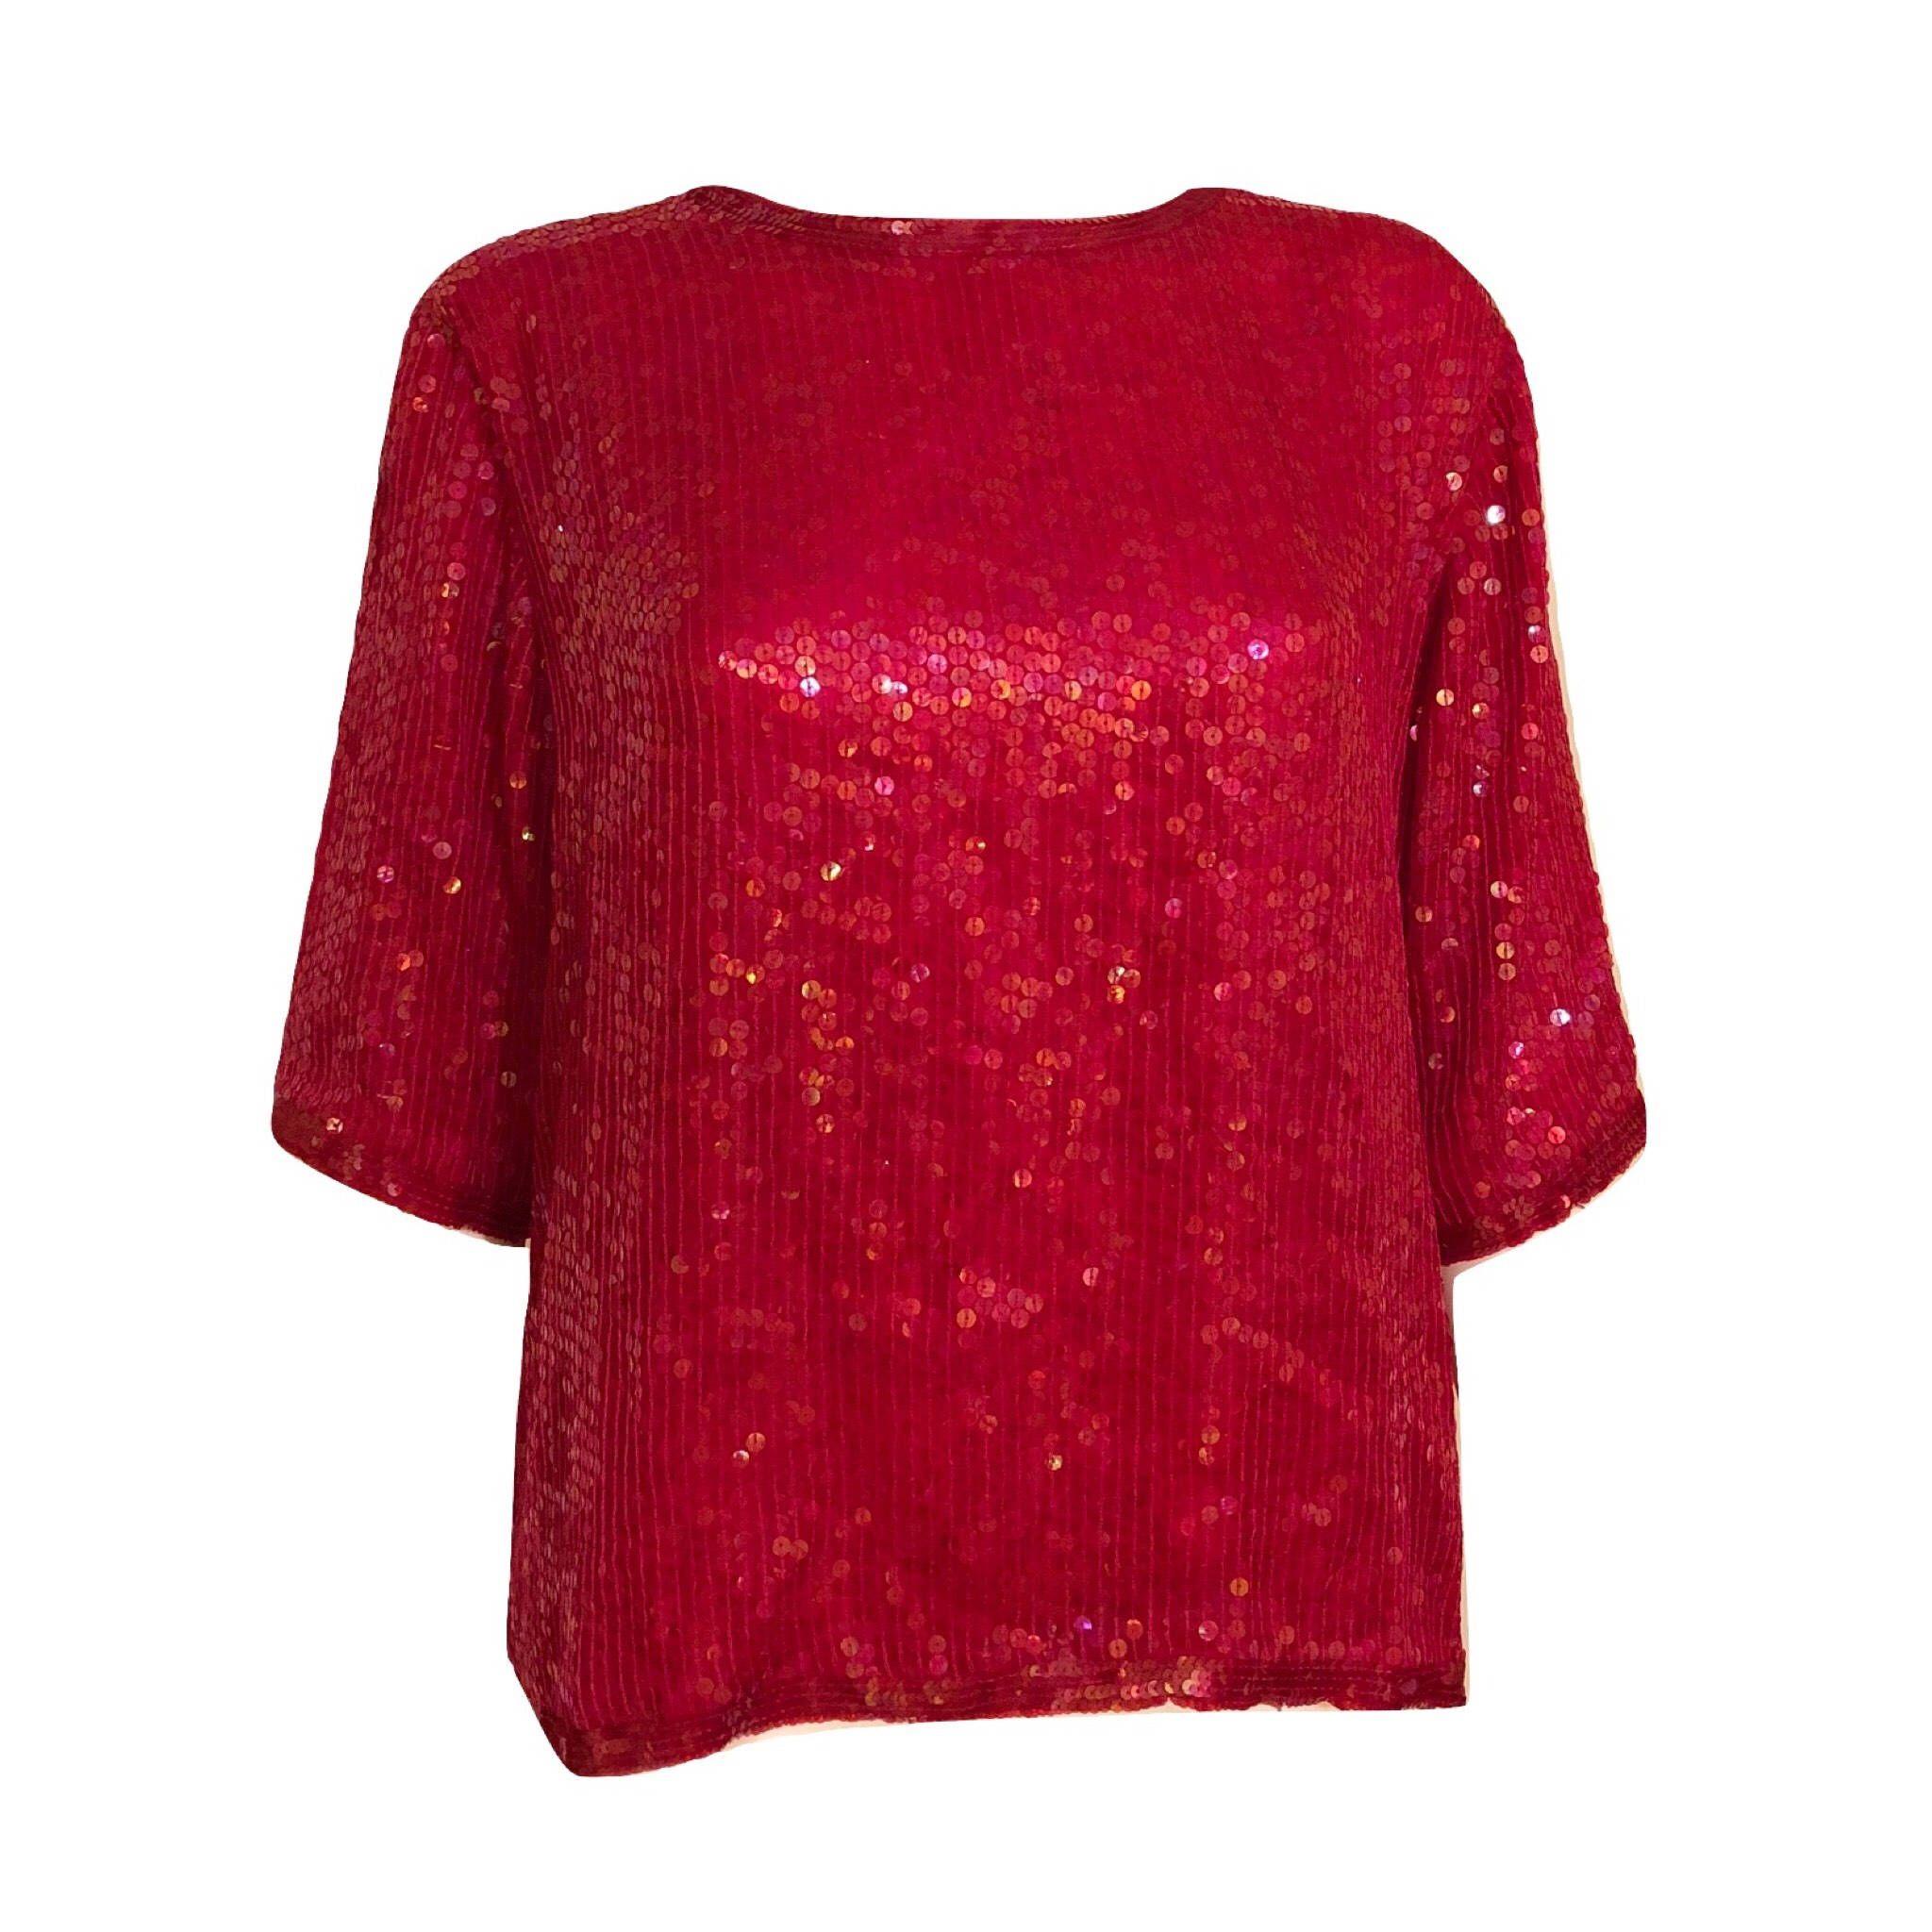 80s Pink Sequin Top